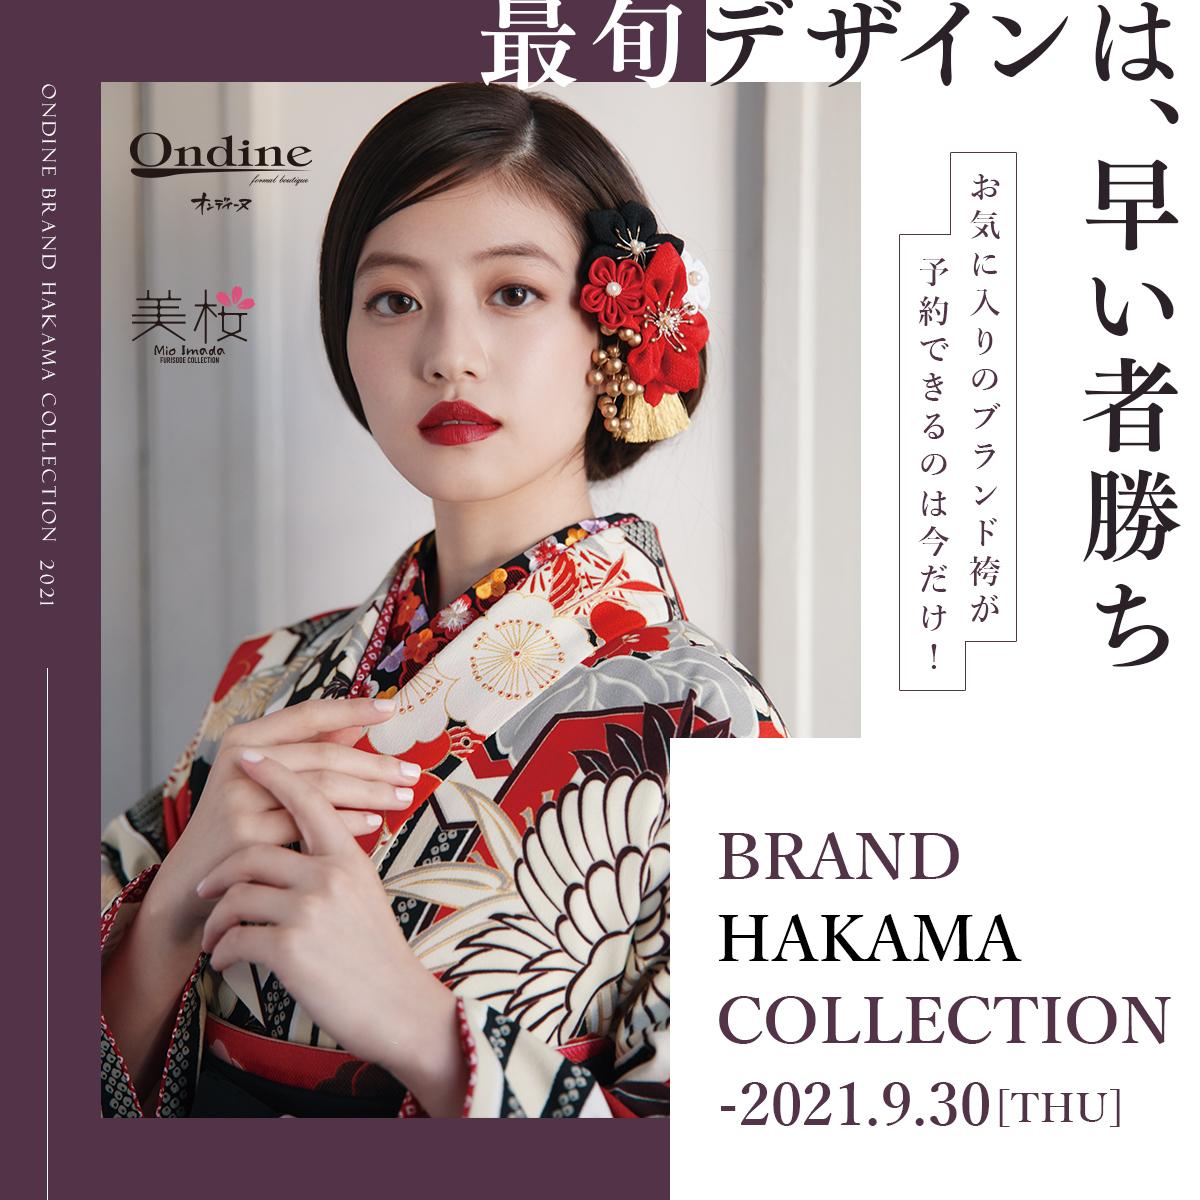 【富山店】BRAND HAKAMA COLLECTION開催!